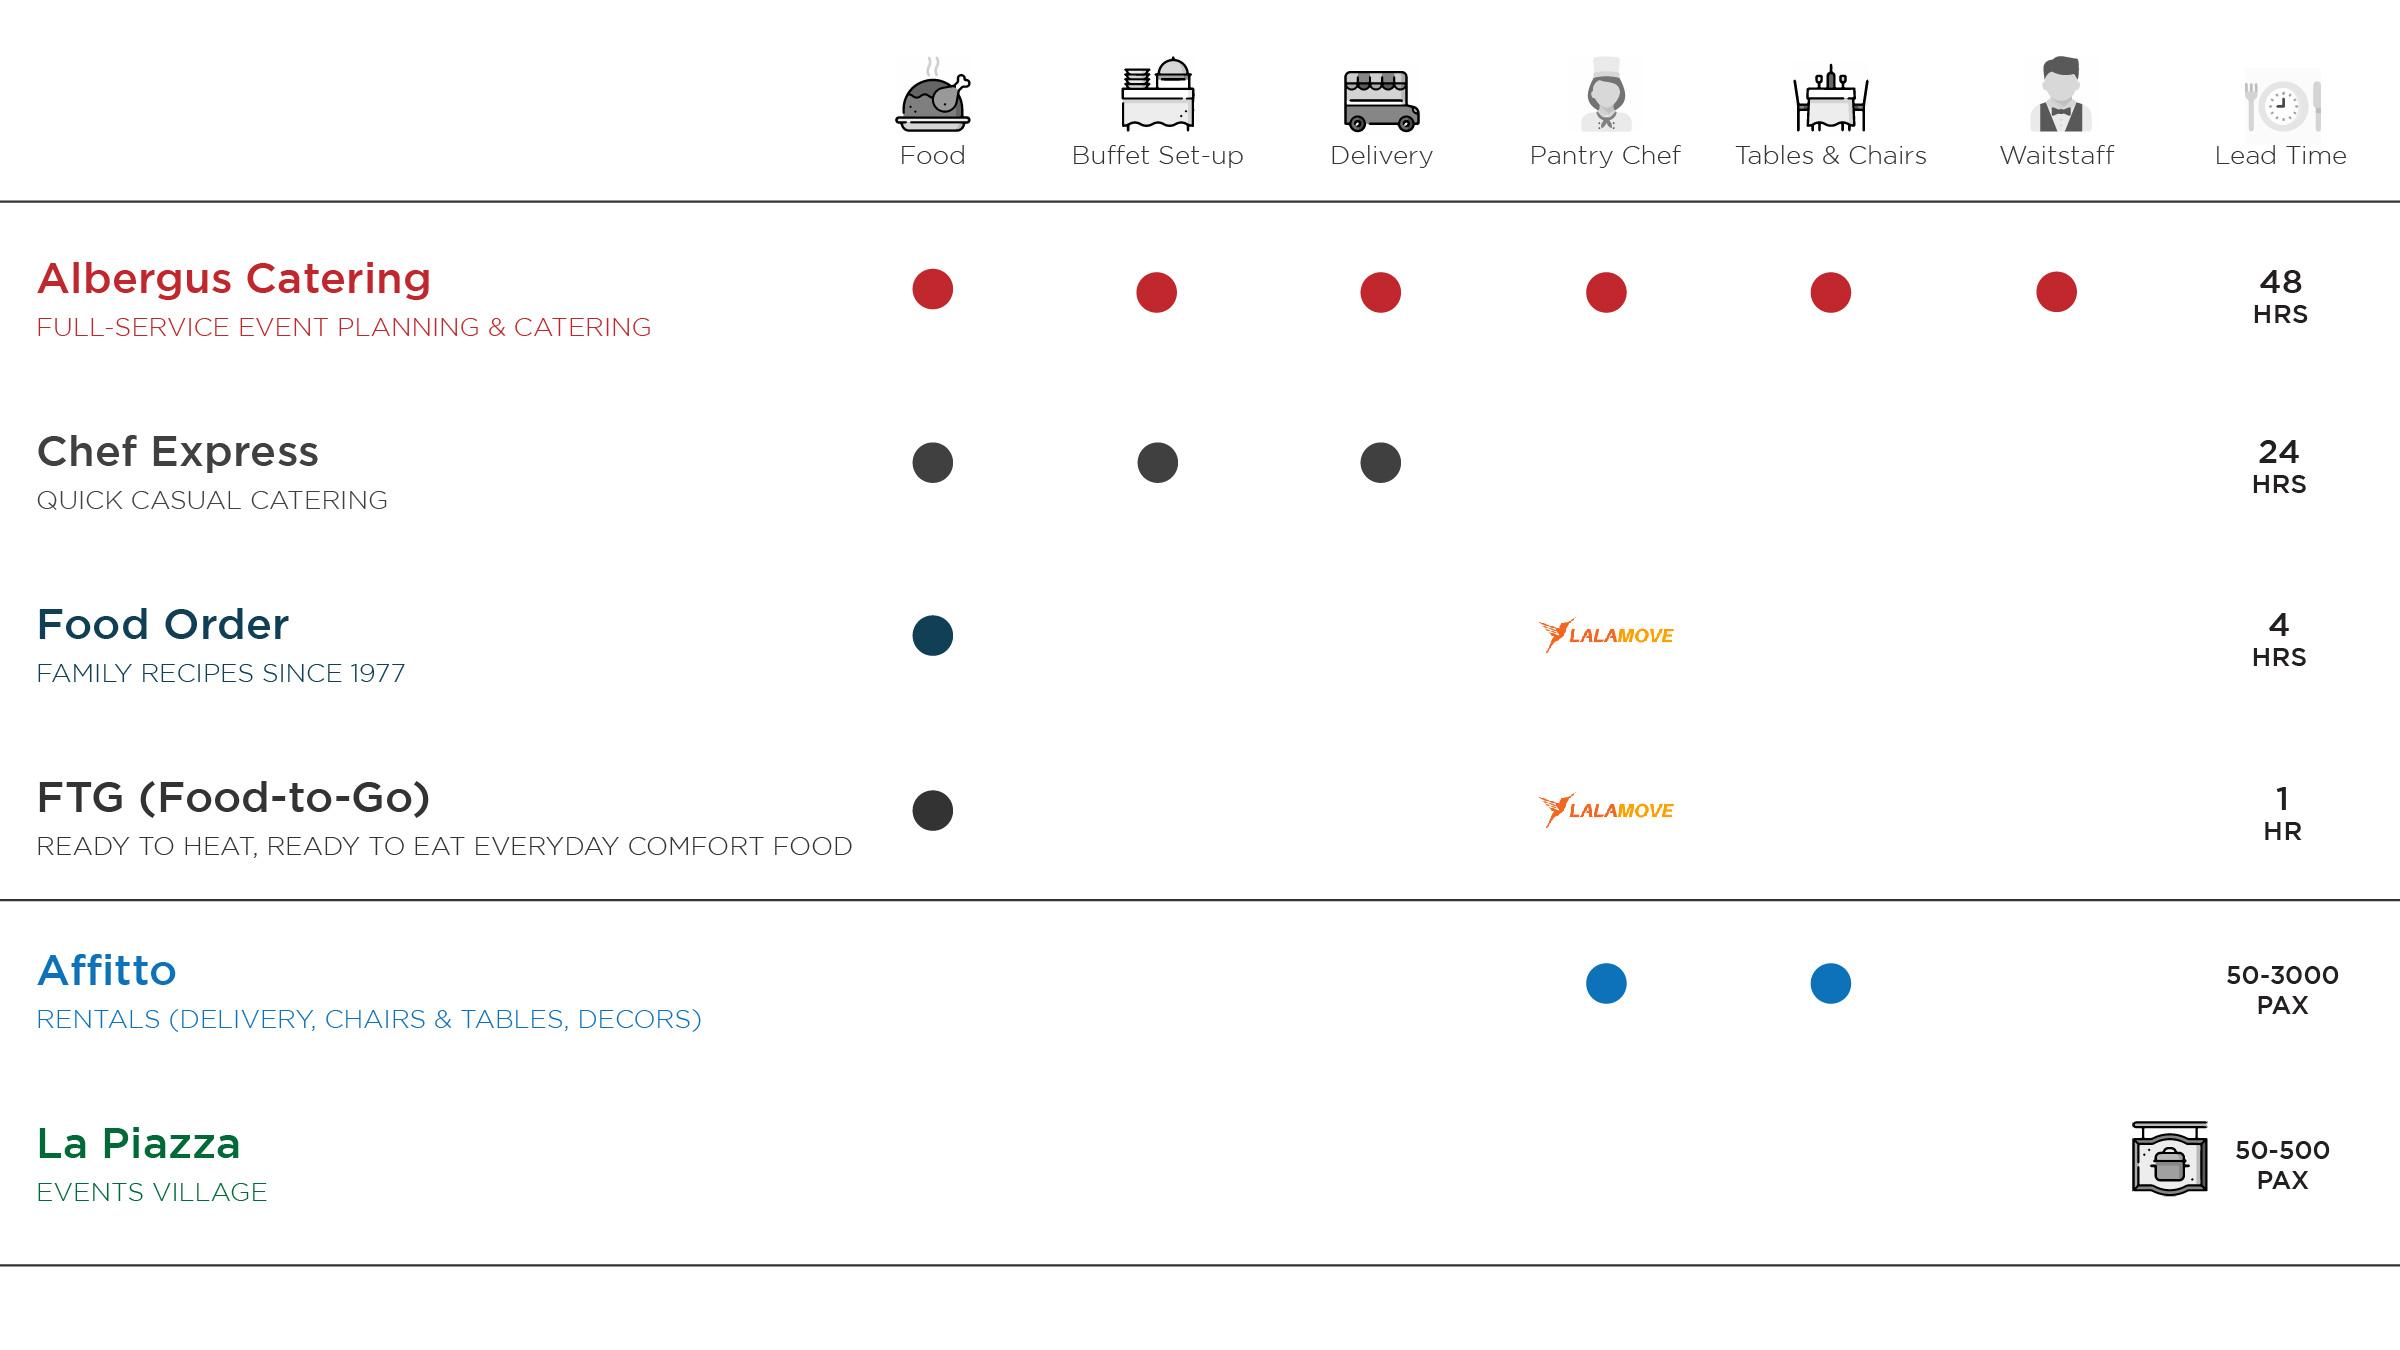 Albergus-Services-Table-v3.jpg